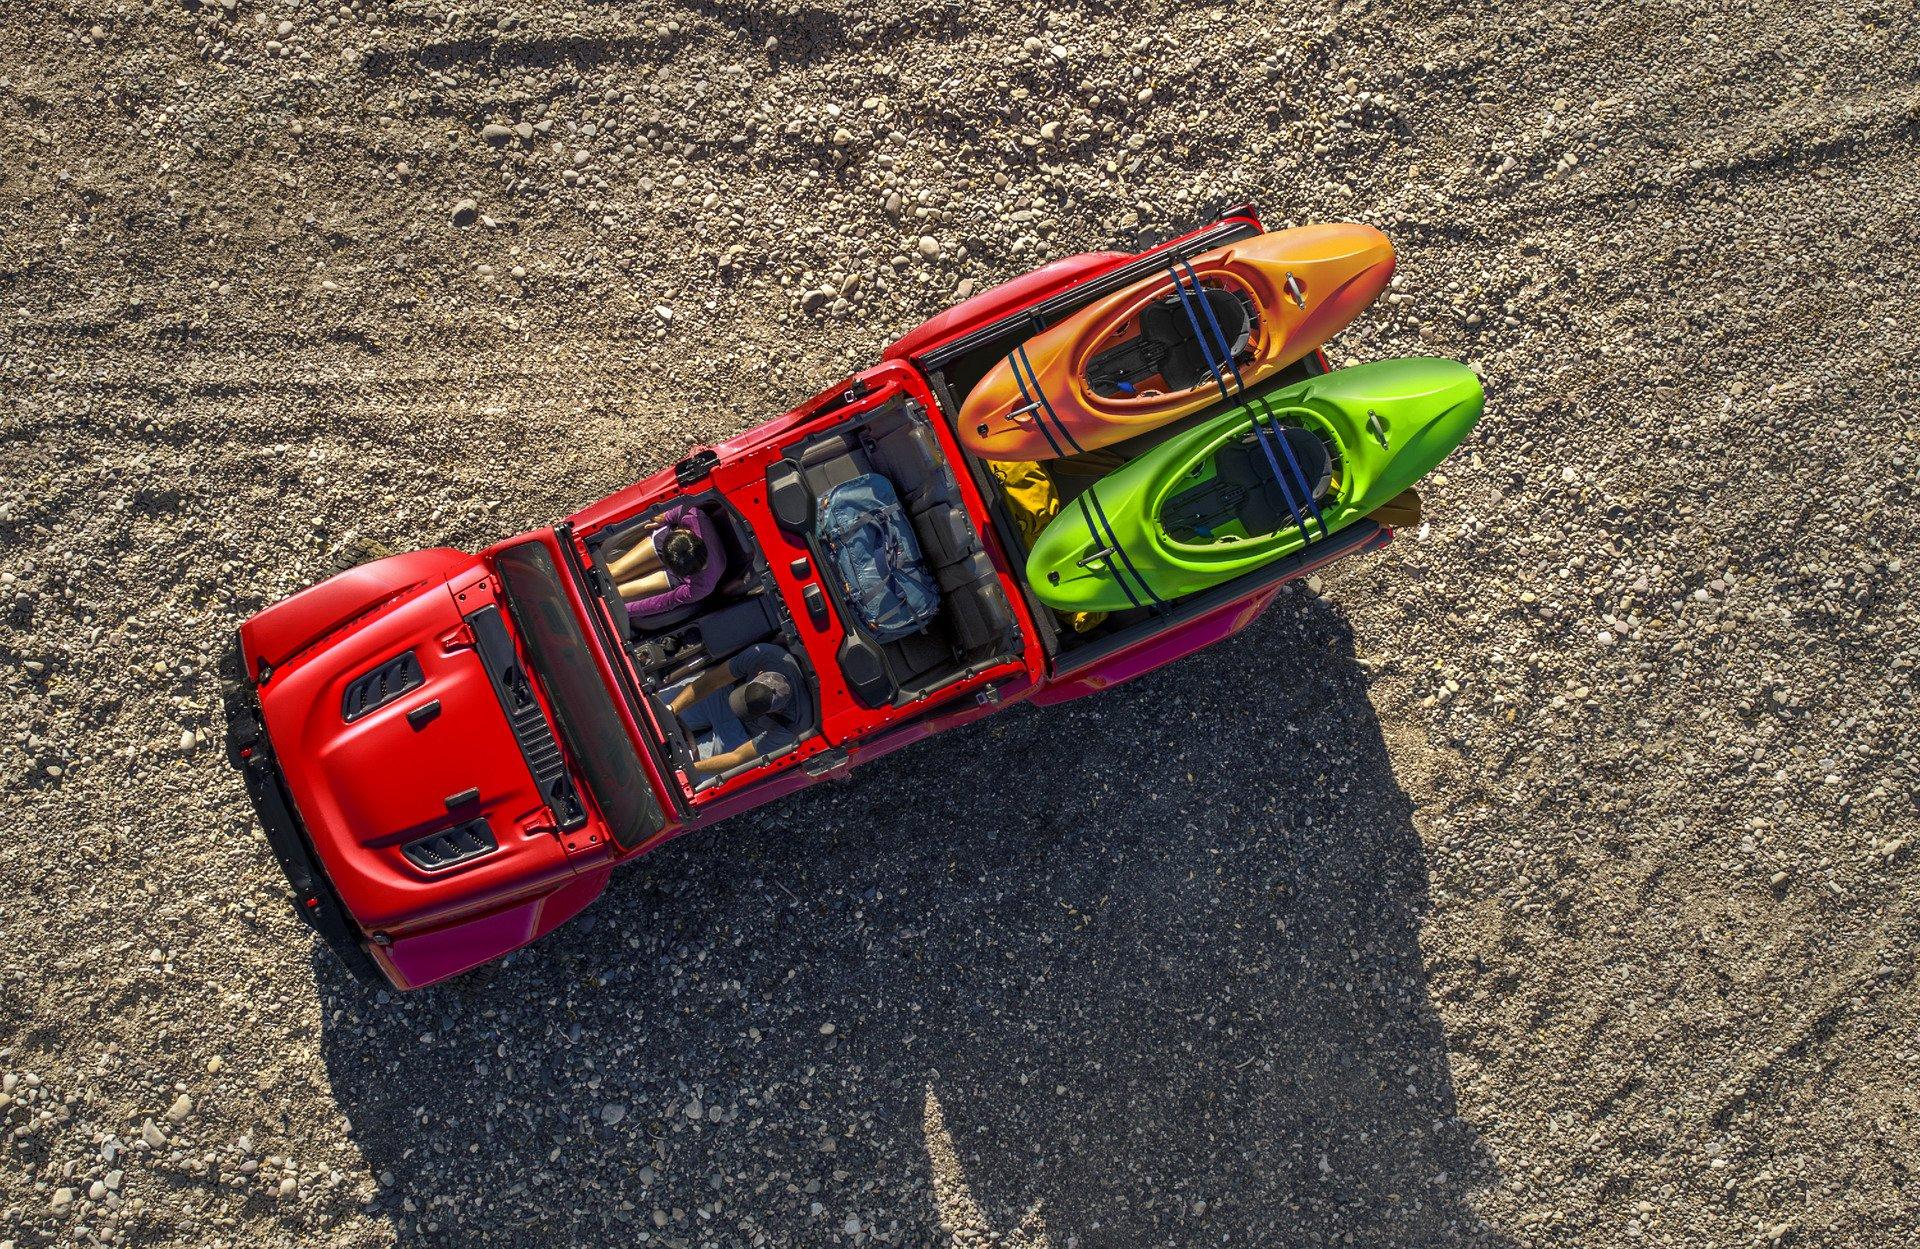 Jeep Gladiator 2019 (213)